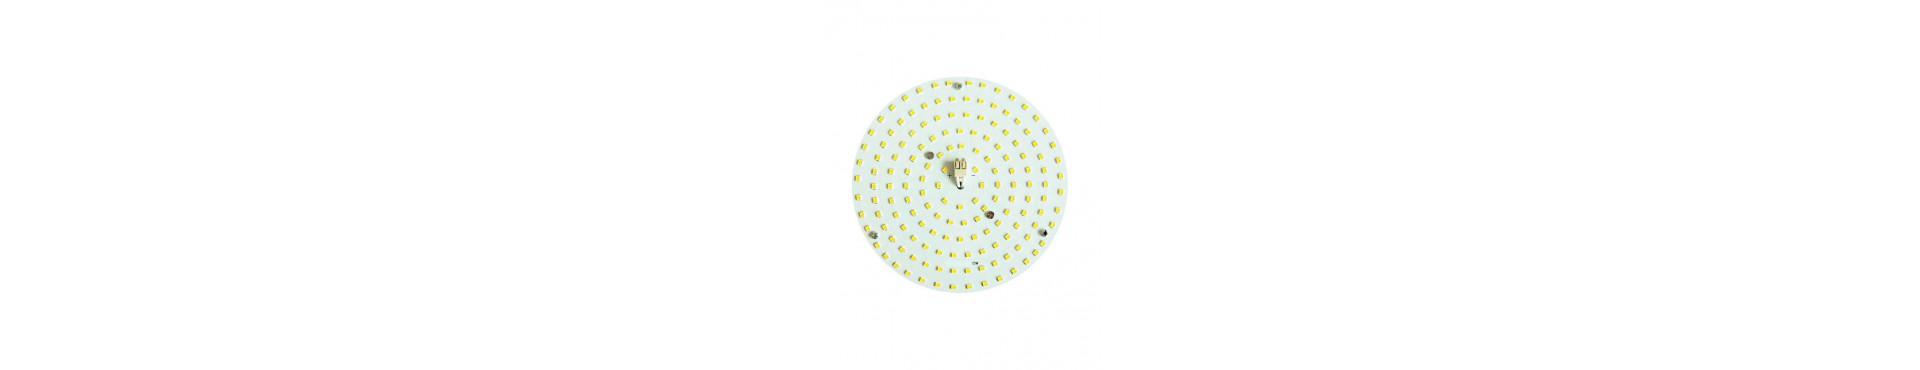 LED modul til væg- og loftlamper, magnetisk